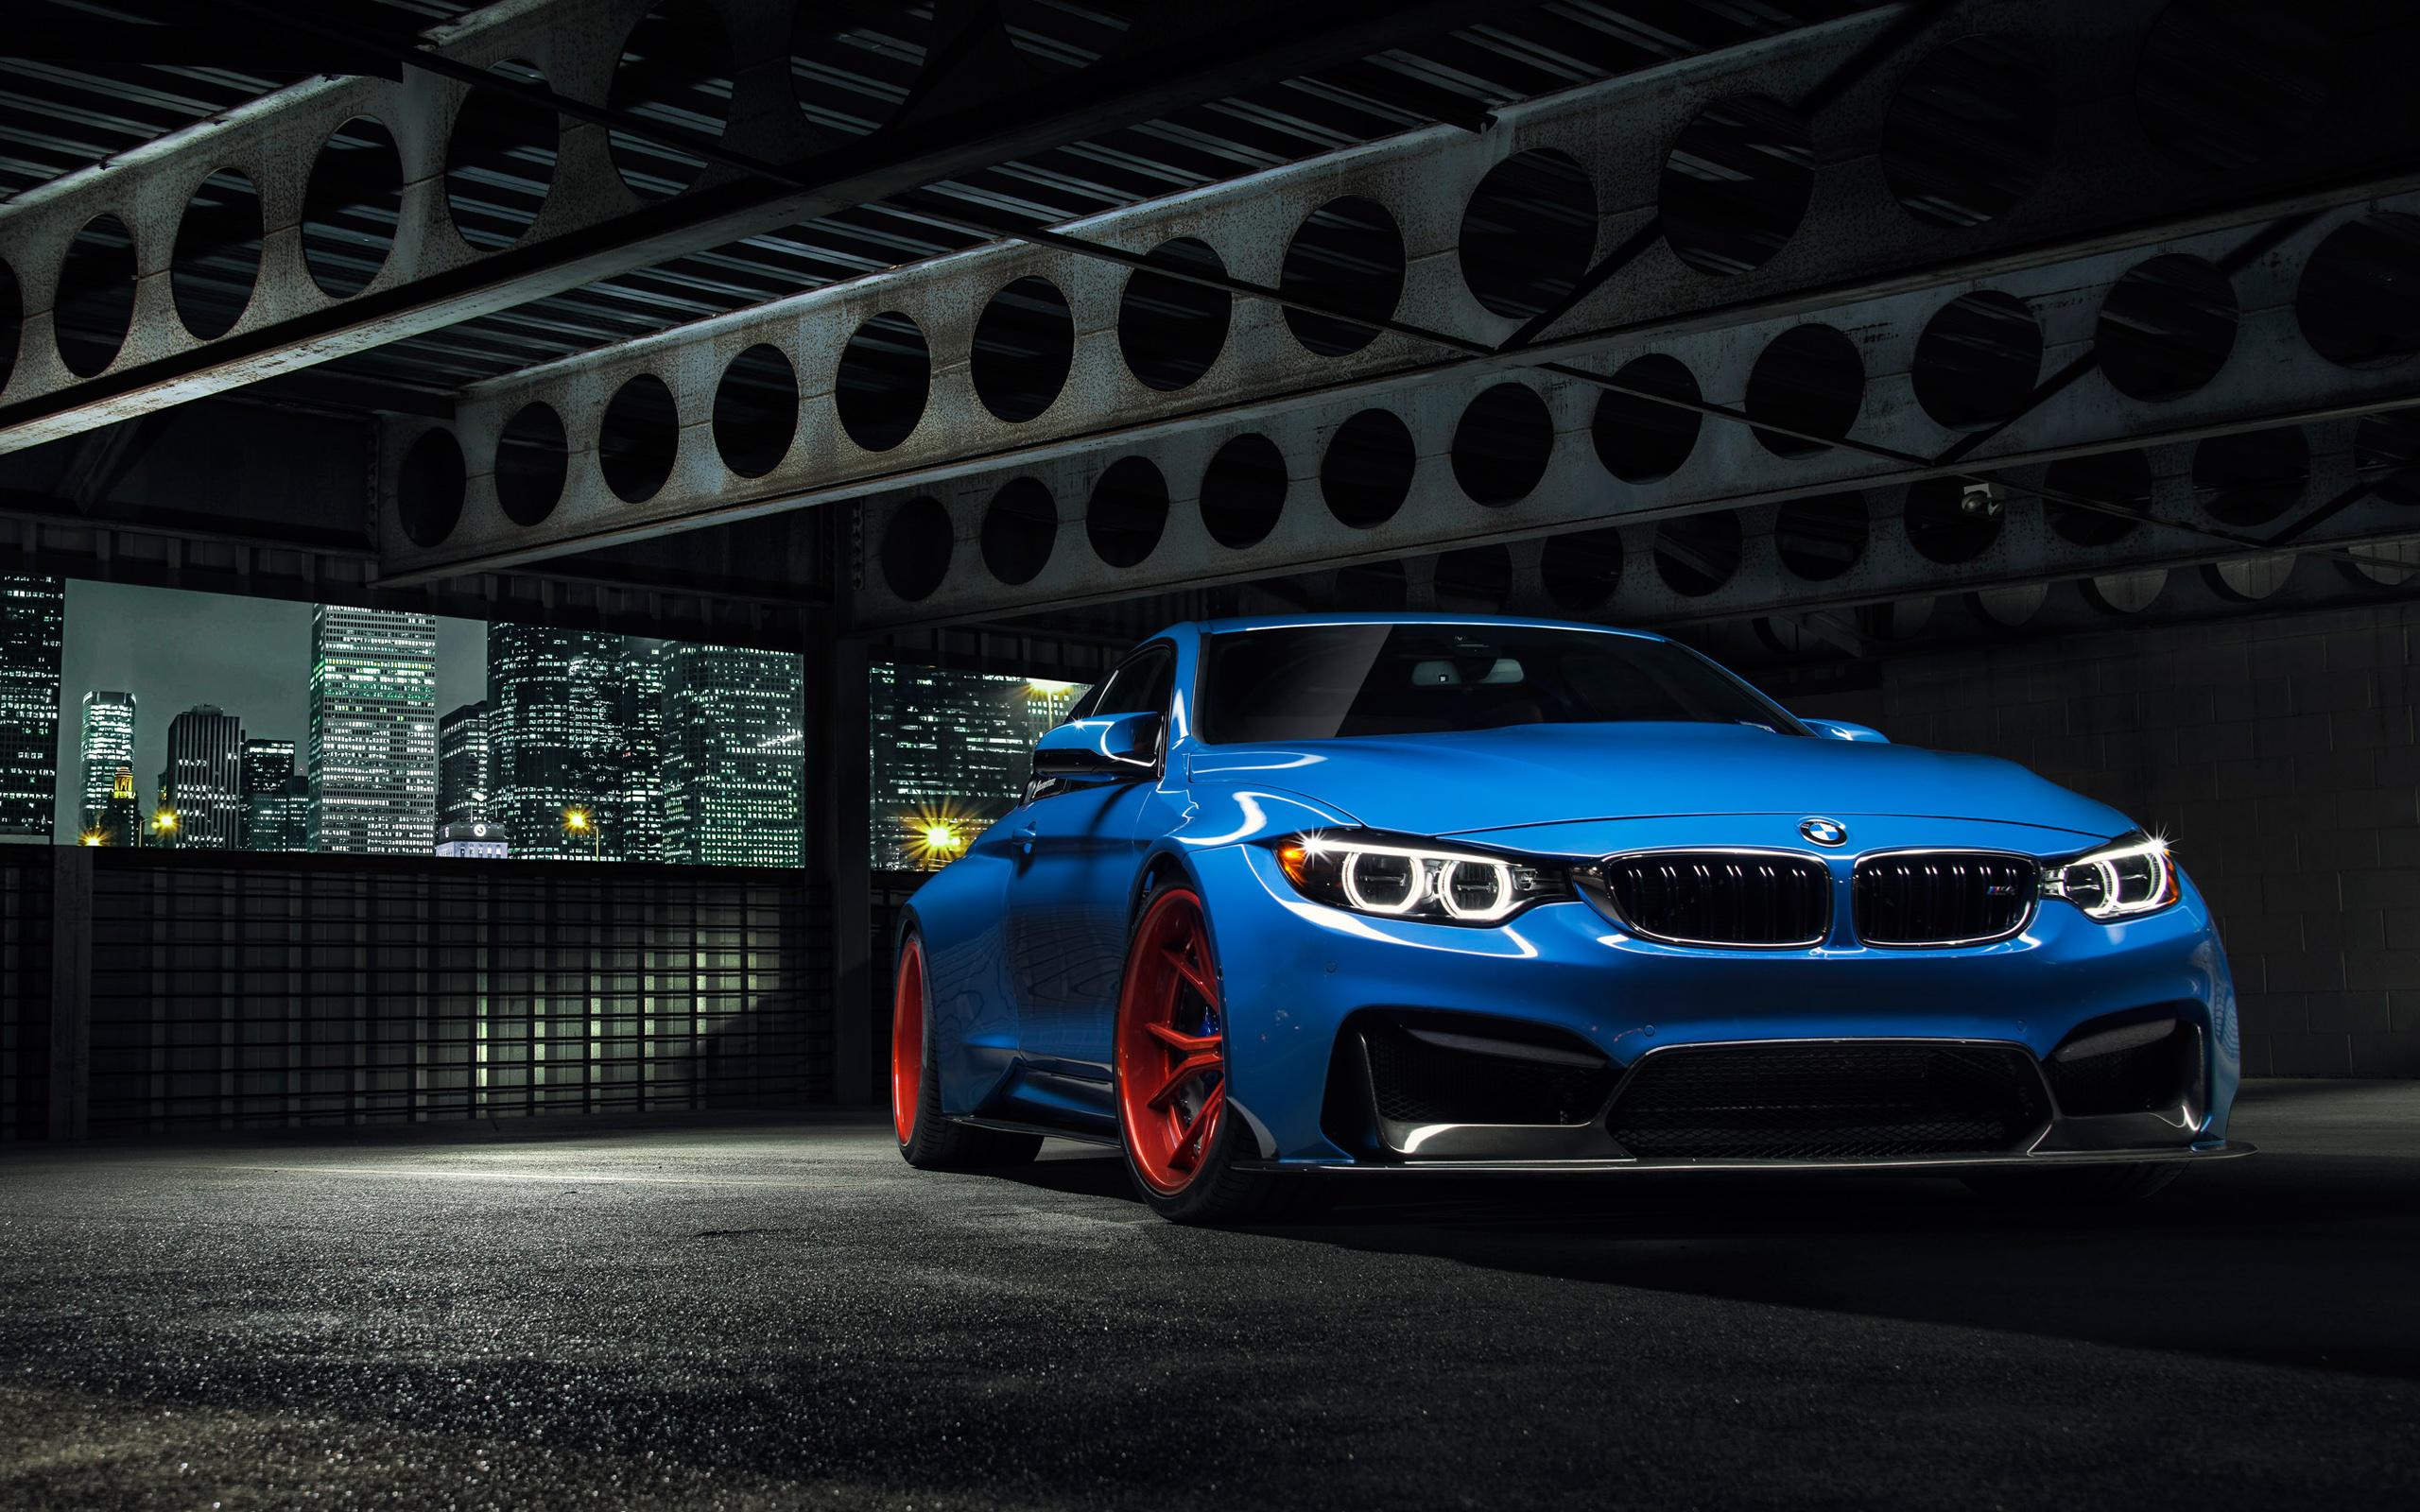 2015 Vorsteiner BMW Yas Marina Blue GTRS4 Anniversary ...